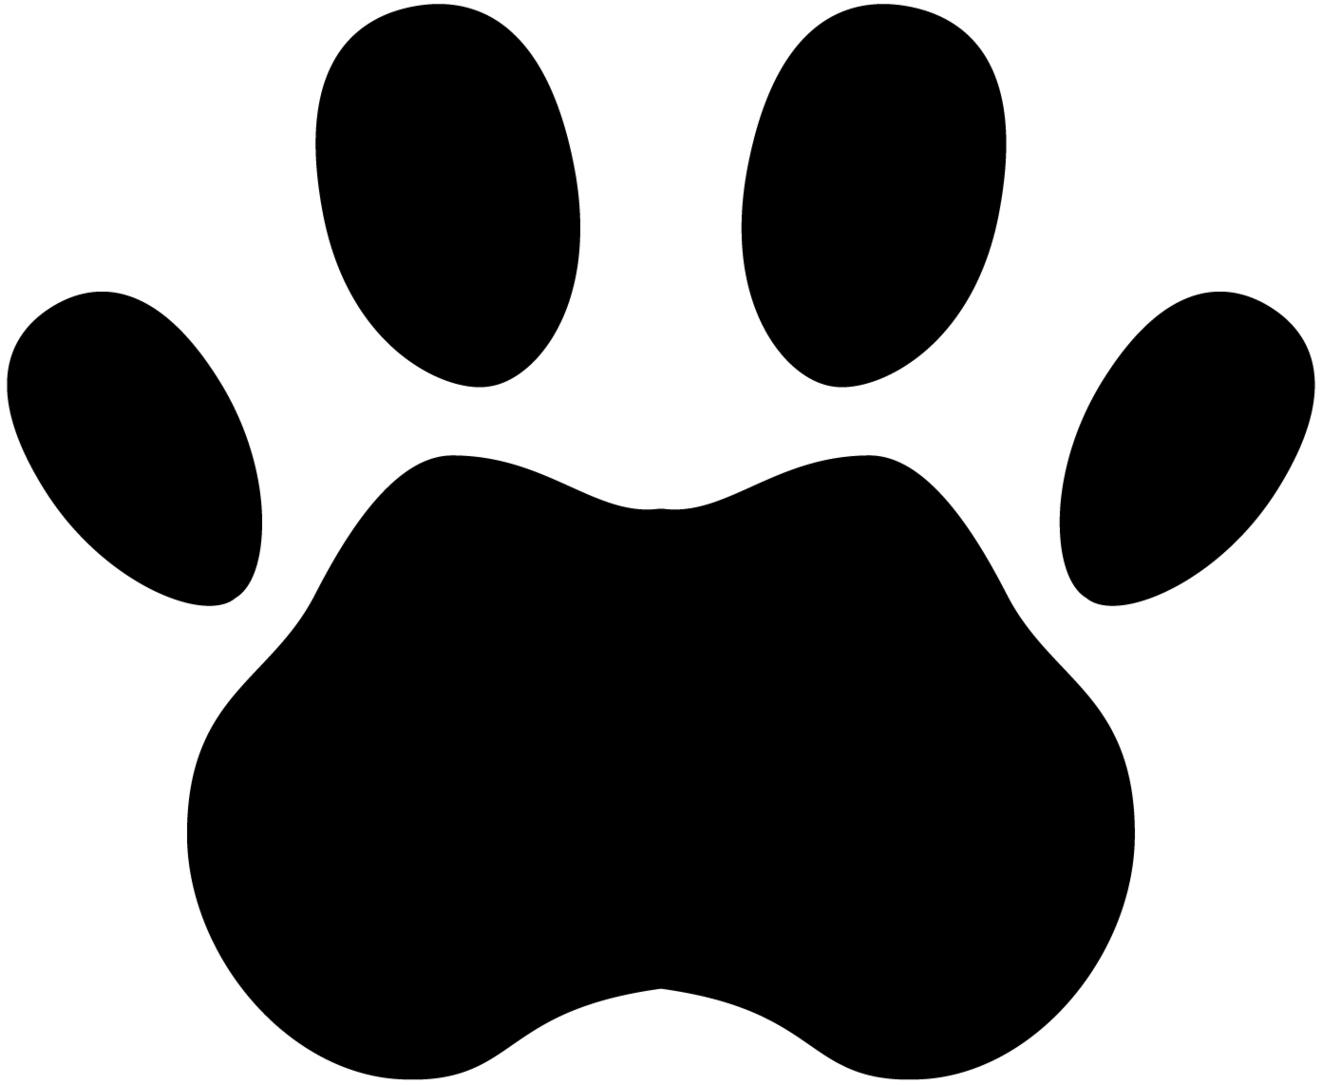 1322x1085 Dog Paw Prints Paw Prints Dog Paw Print Clip Art Free Download 3